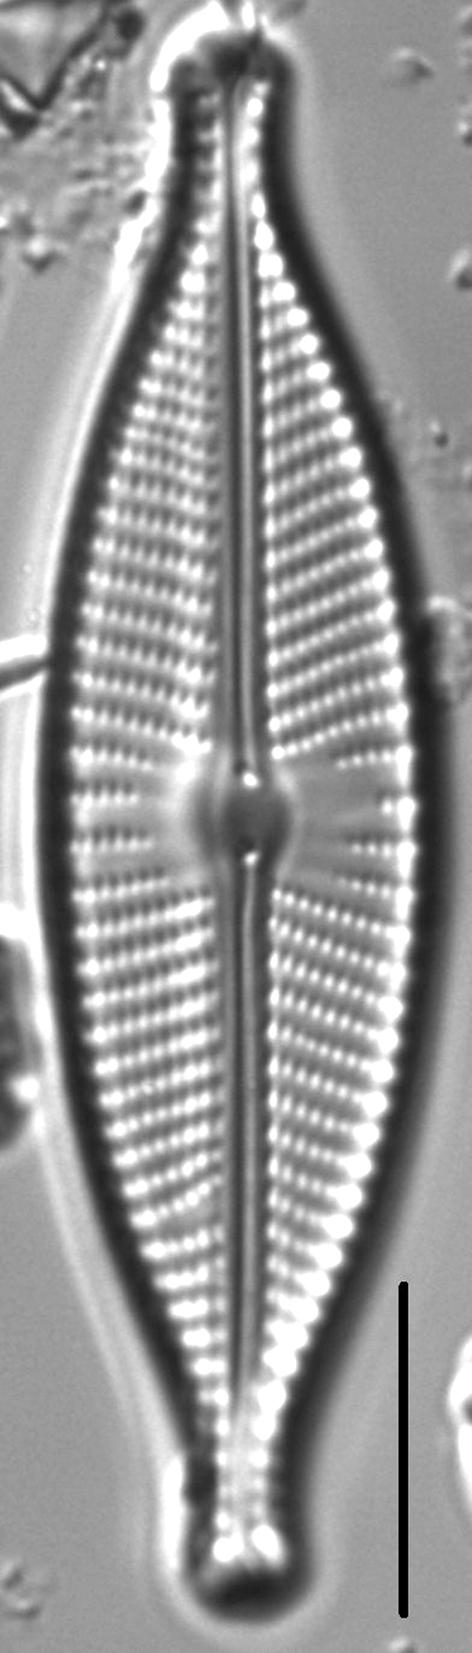 Navicula rhynchotella LM6